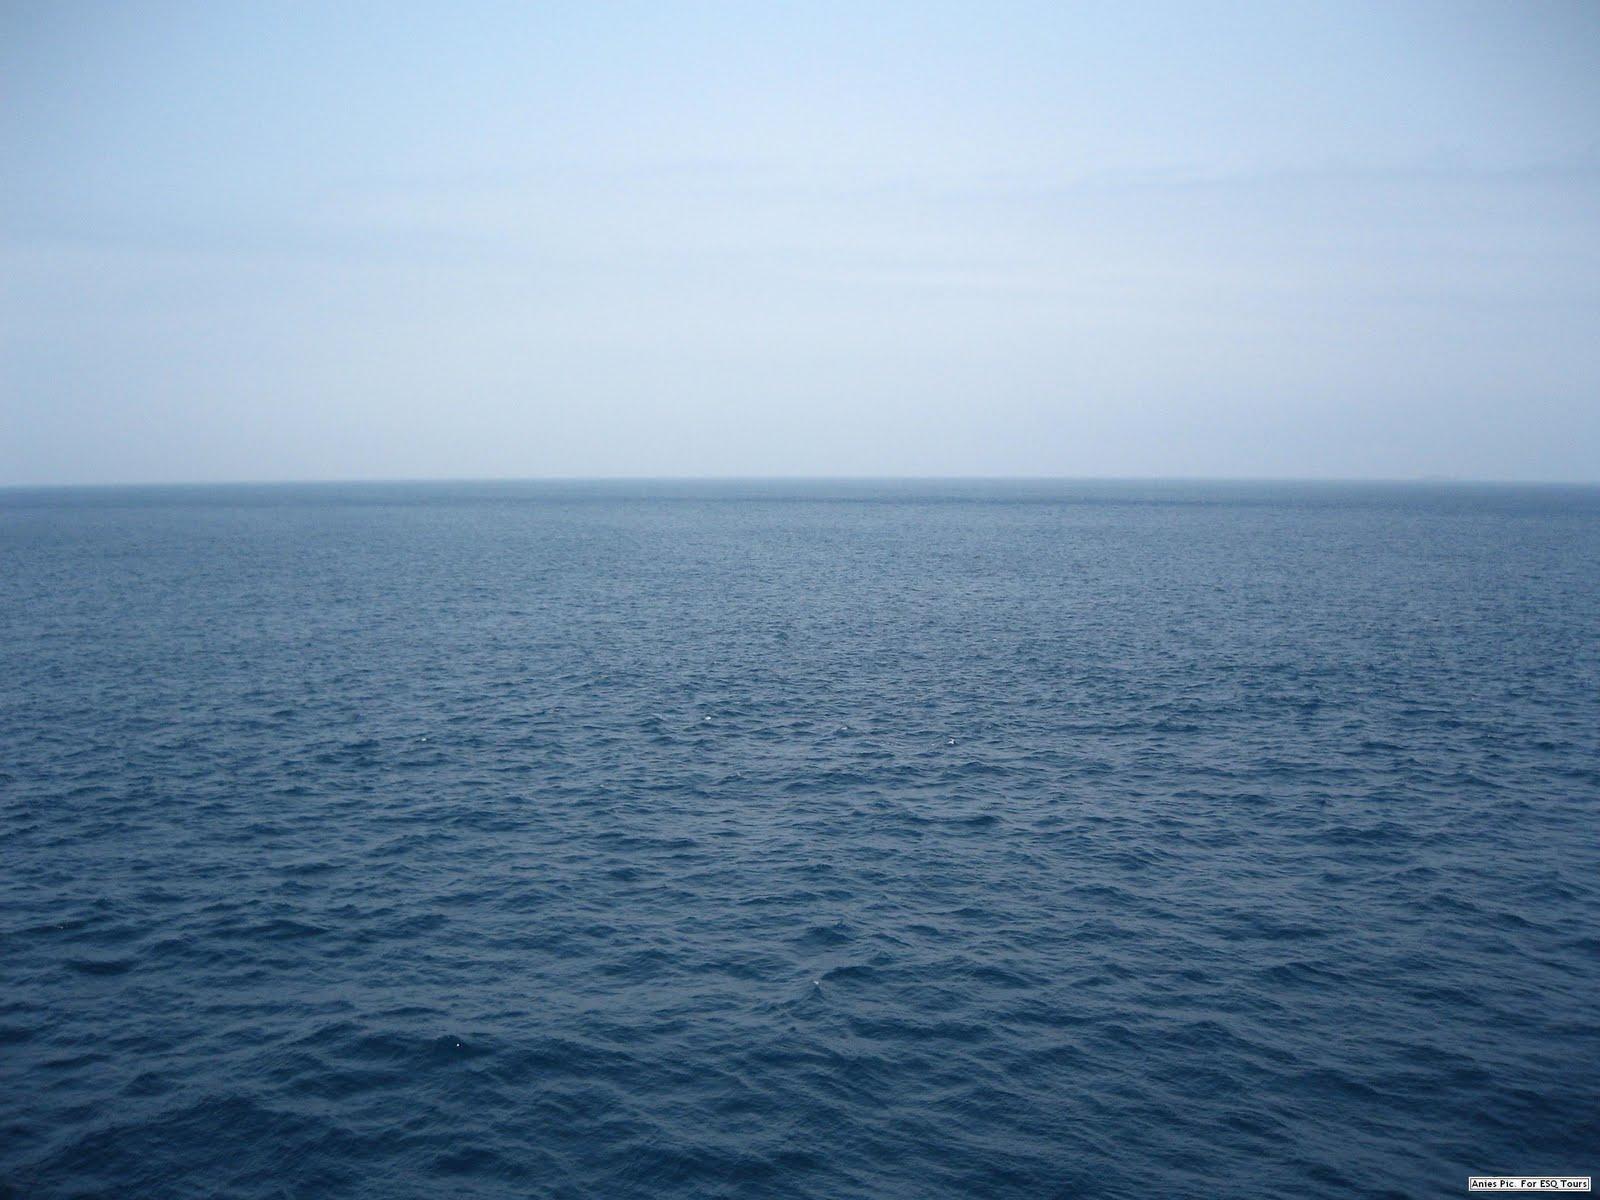 Lautan merupakan habitat terbesar di bumi. dibalik selubung